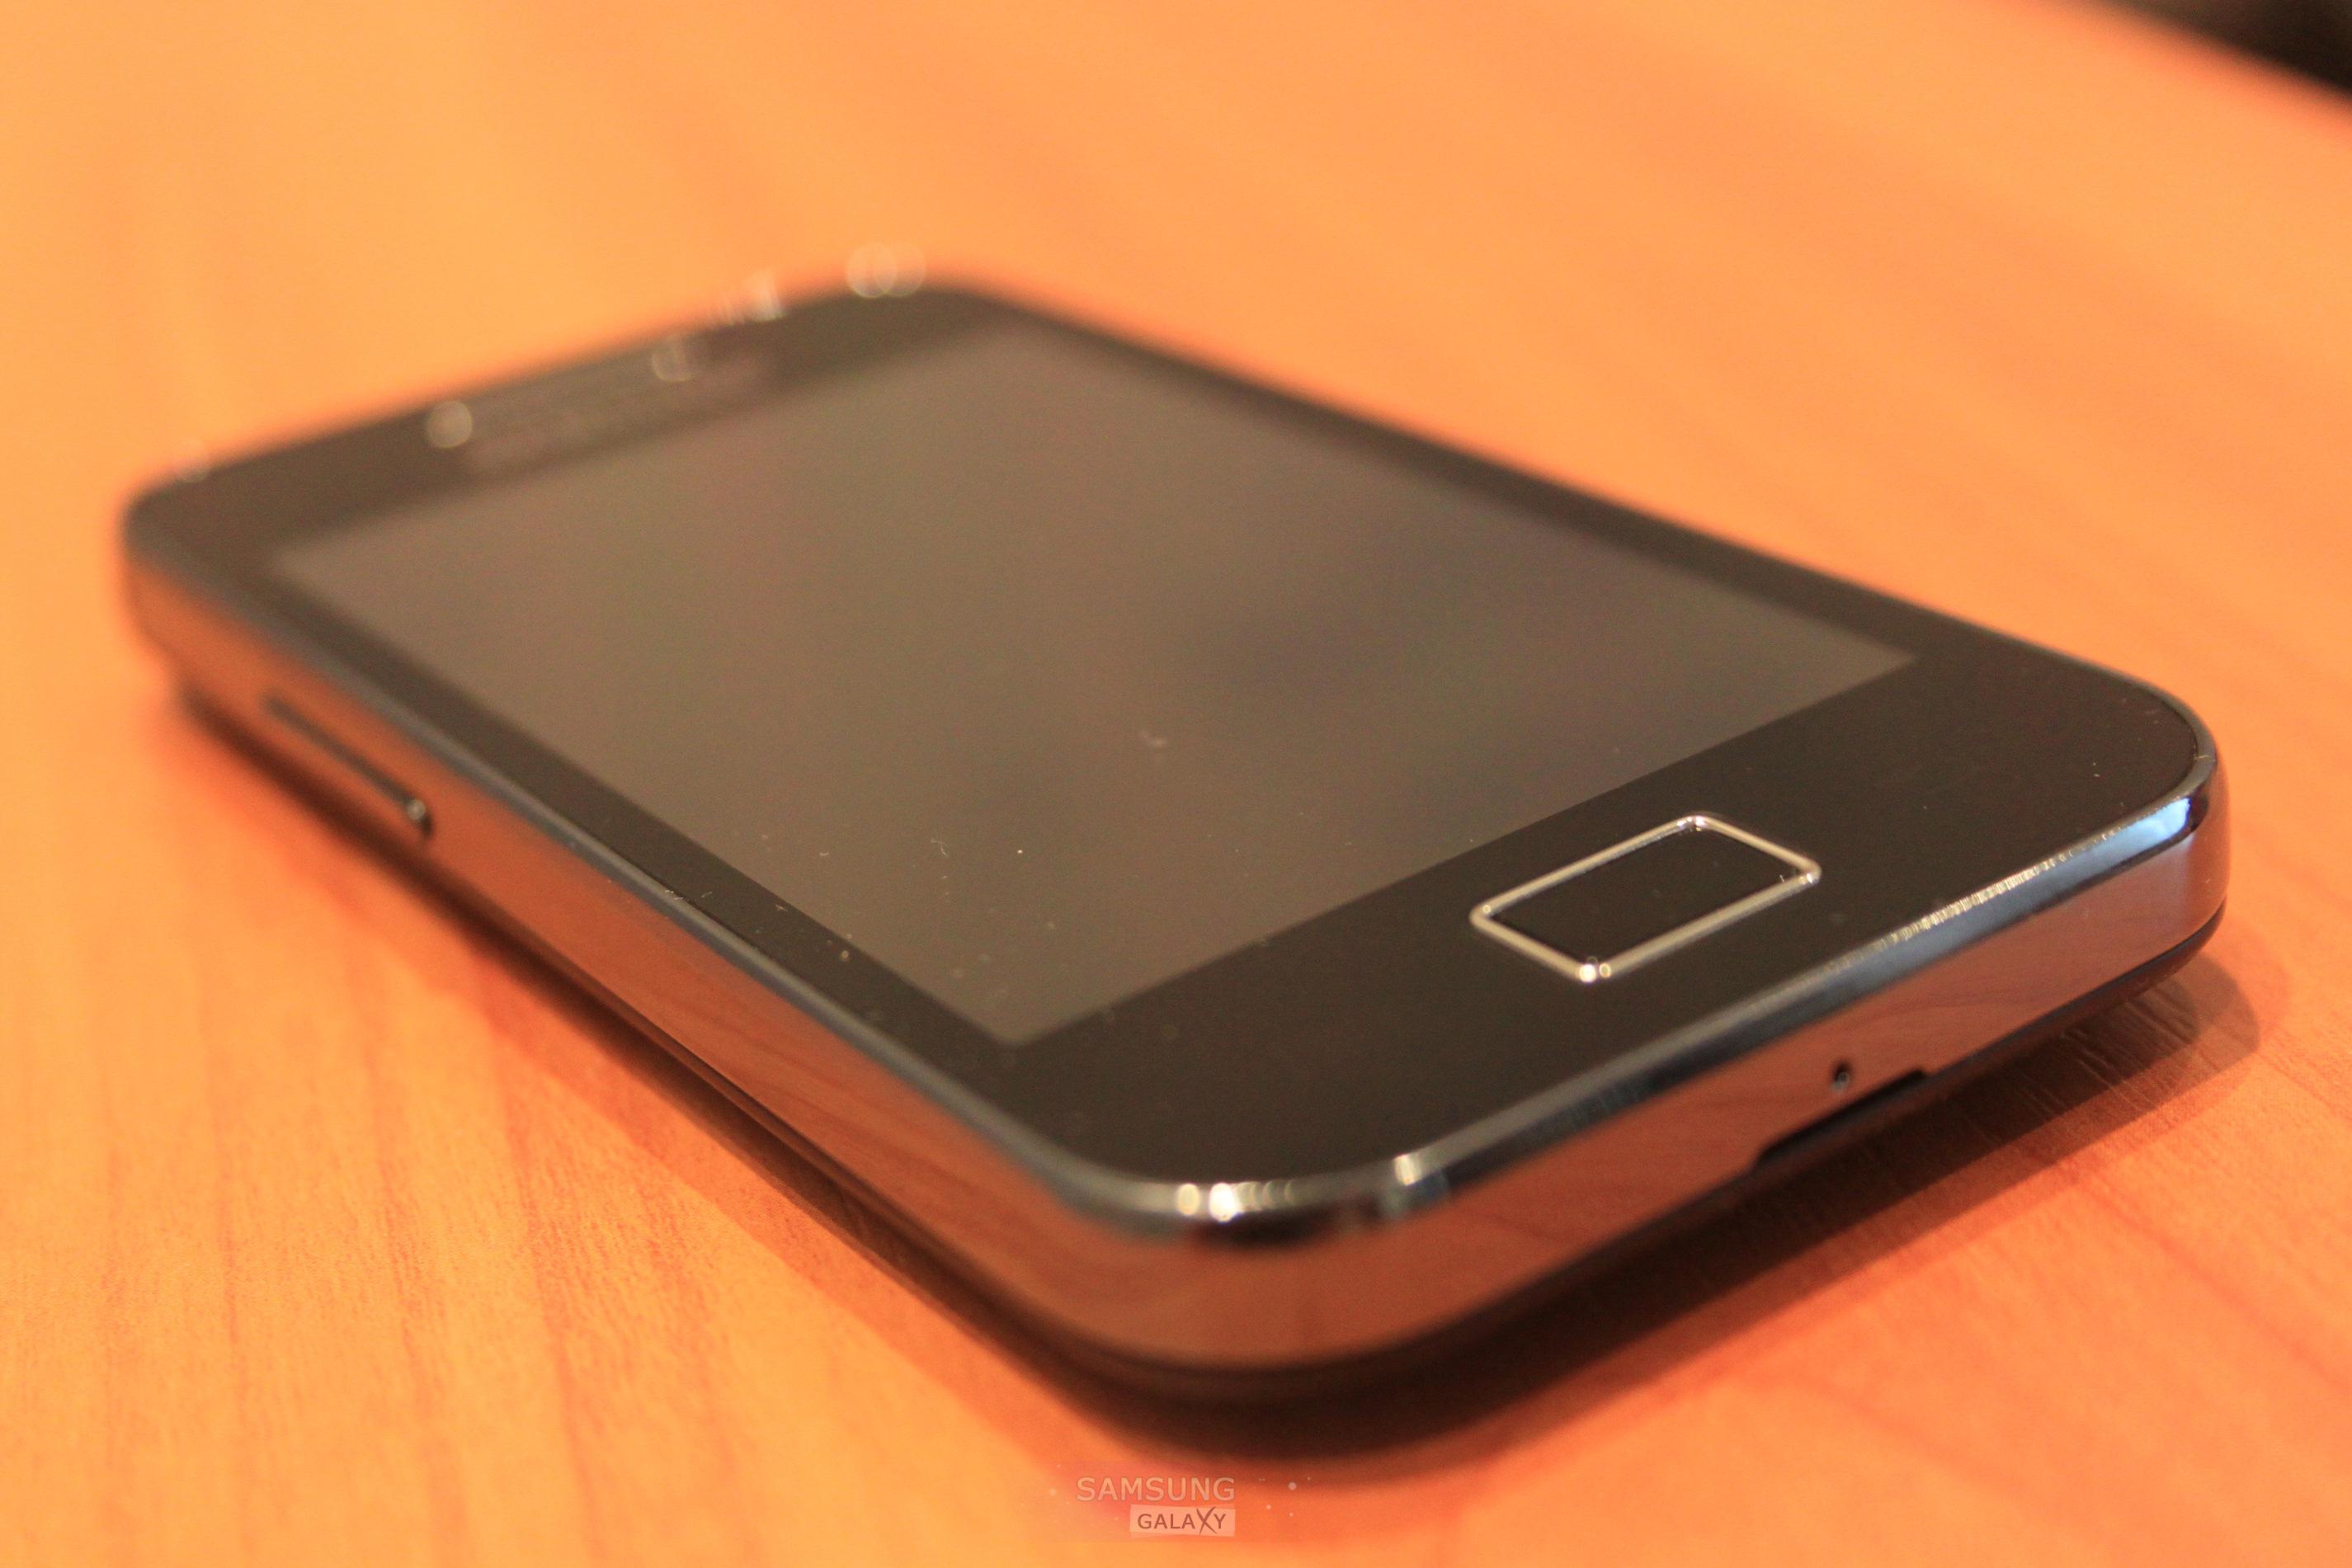 Что делать если украли телефон samsung xiaomi redmi note 2 16gb lte